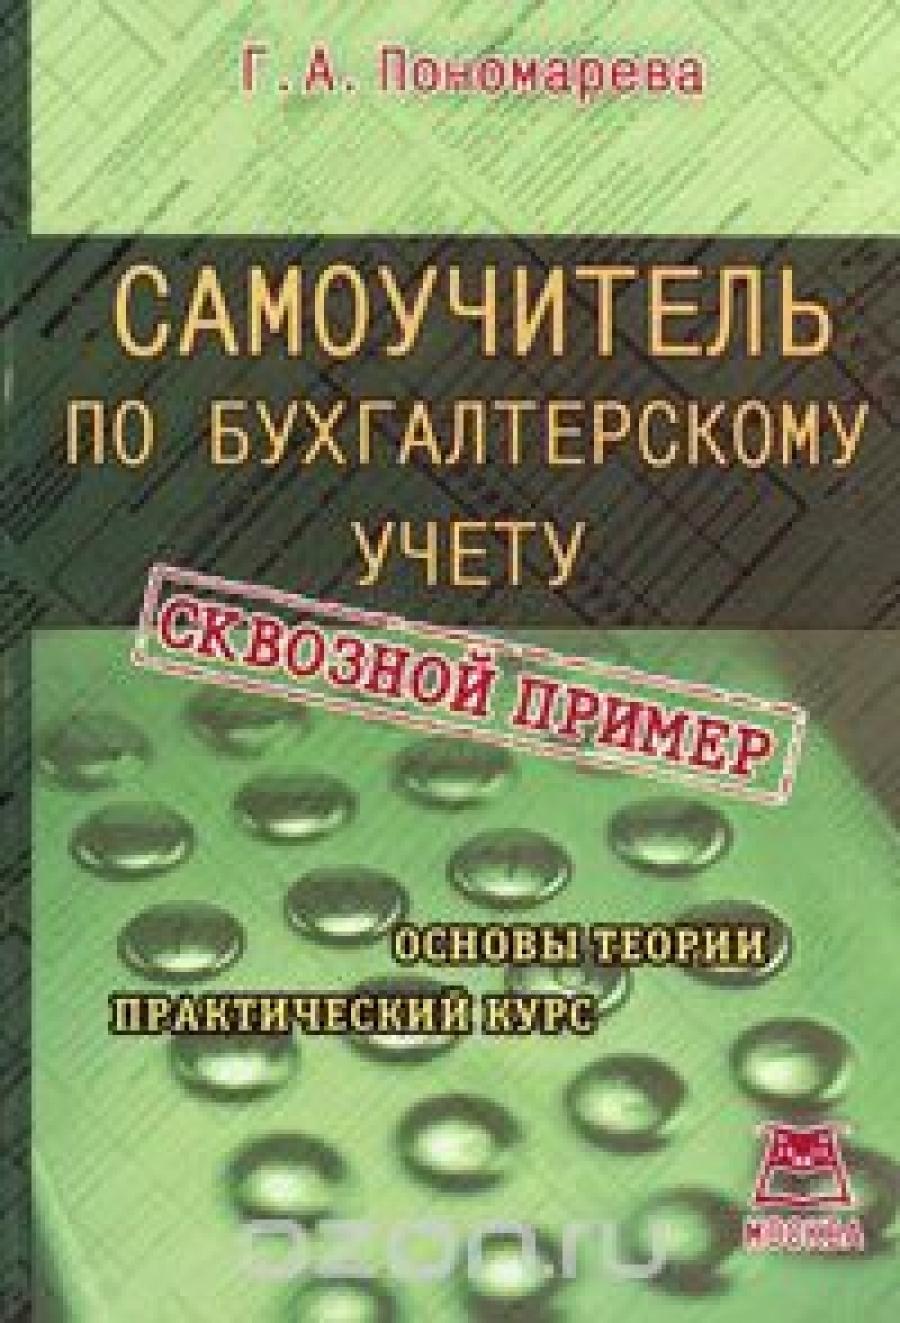 Обложка книги:  пономарева г.а. - самоучитель по бухгалтерскому учету